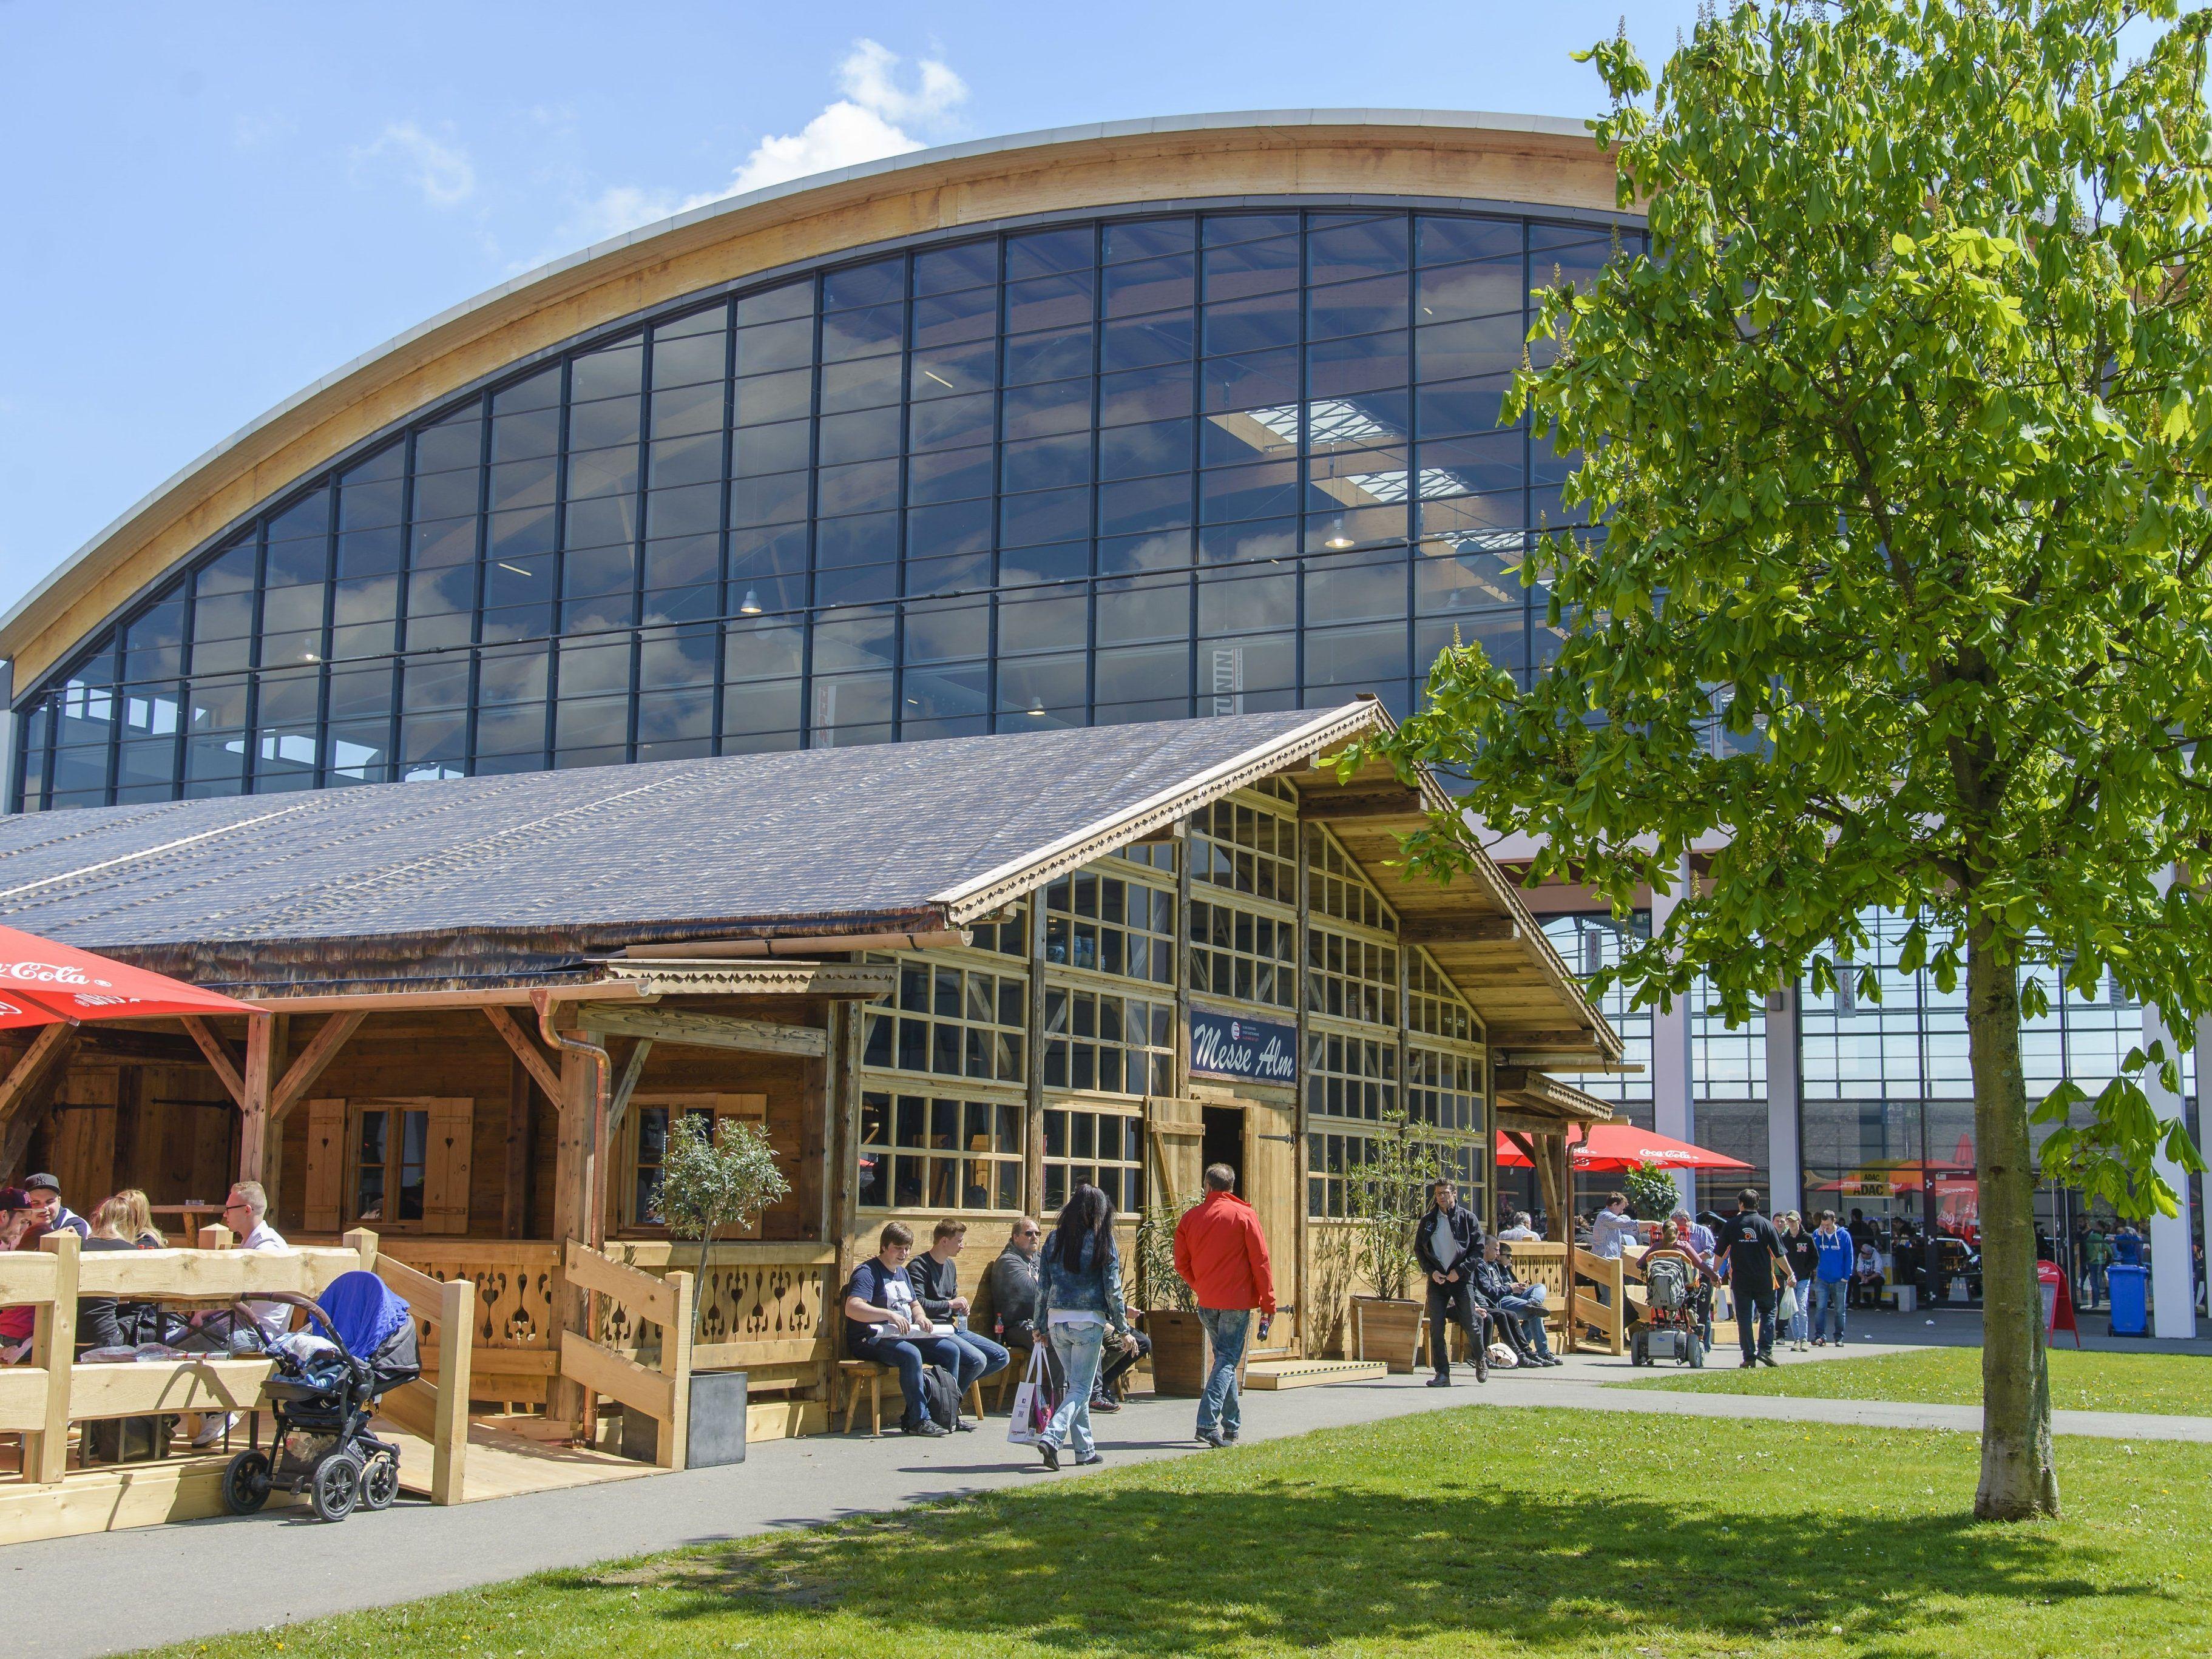 Covid 19: Messe IBO in Friedrichshafen verschoben